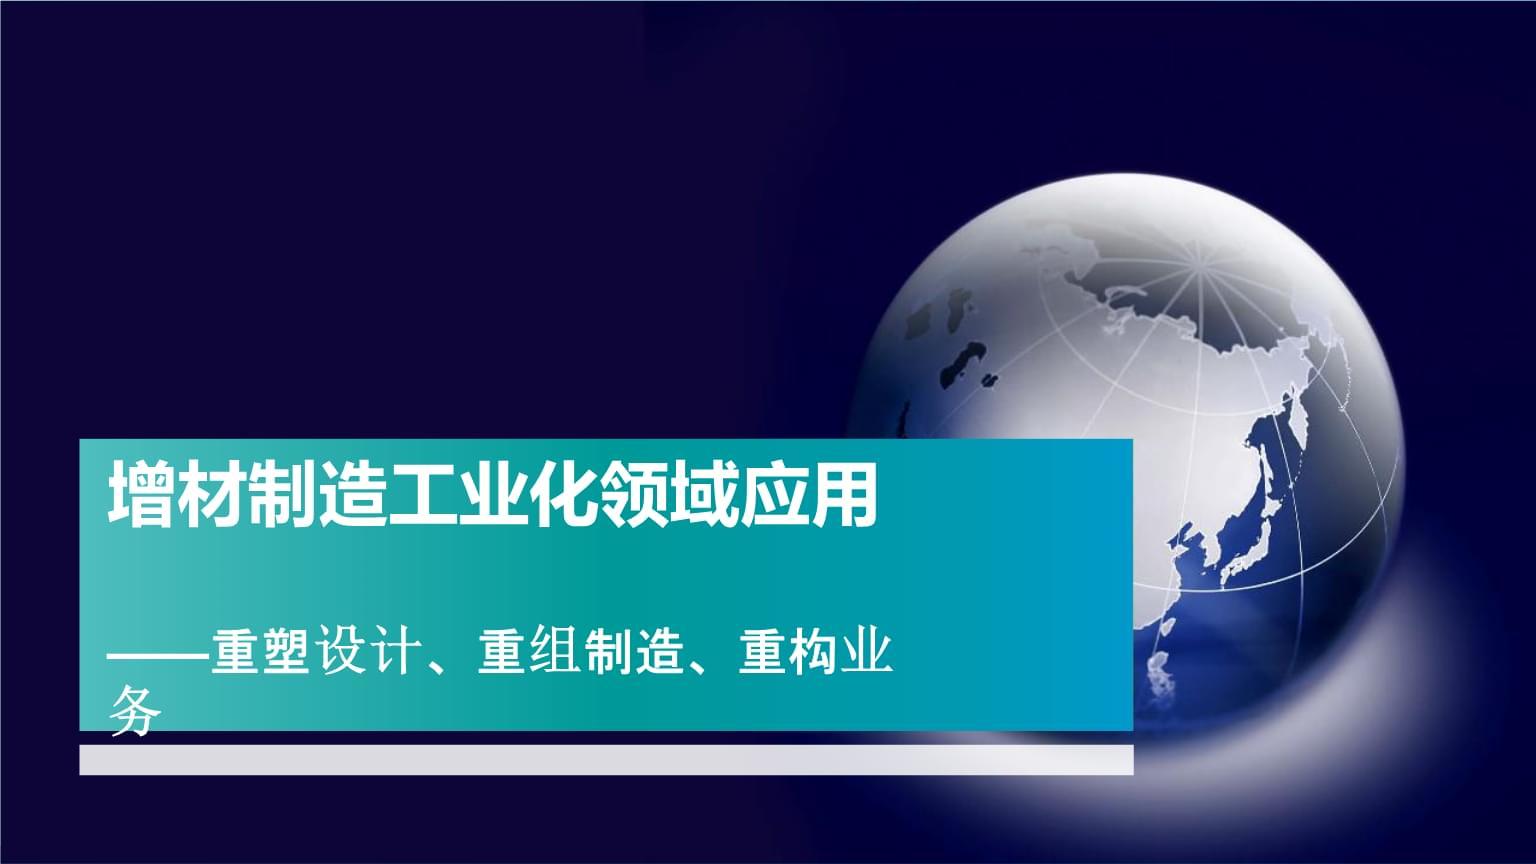 增材制造工业化领域应用.pptx